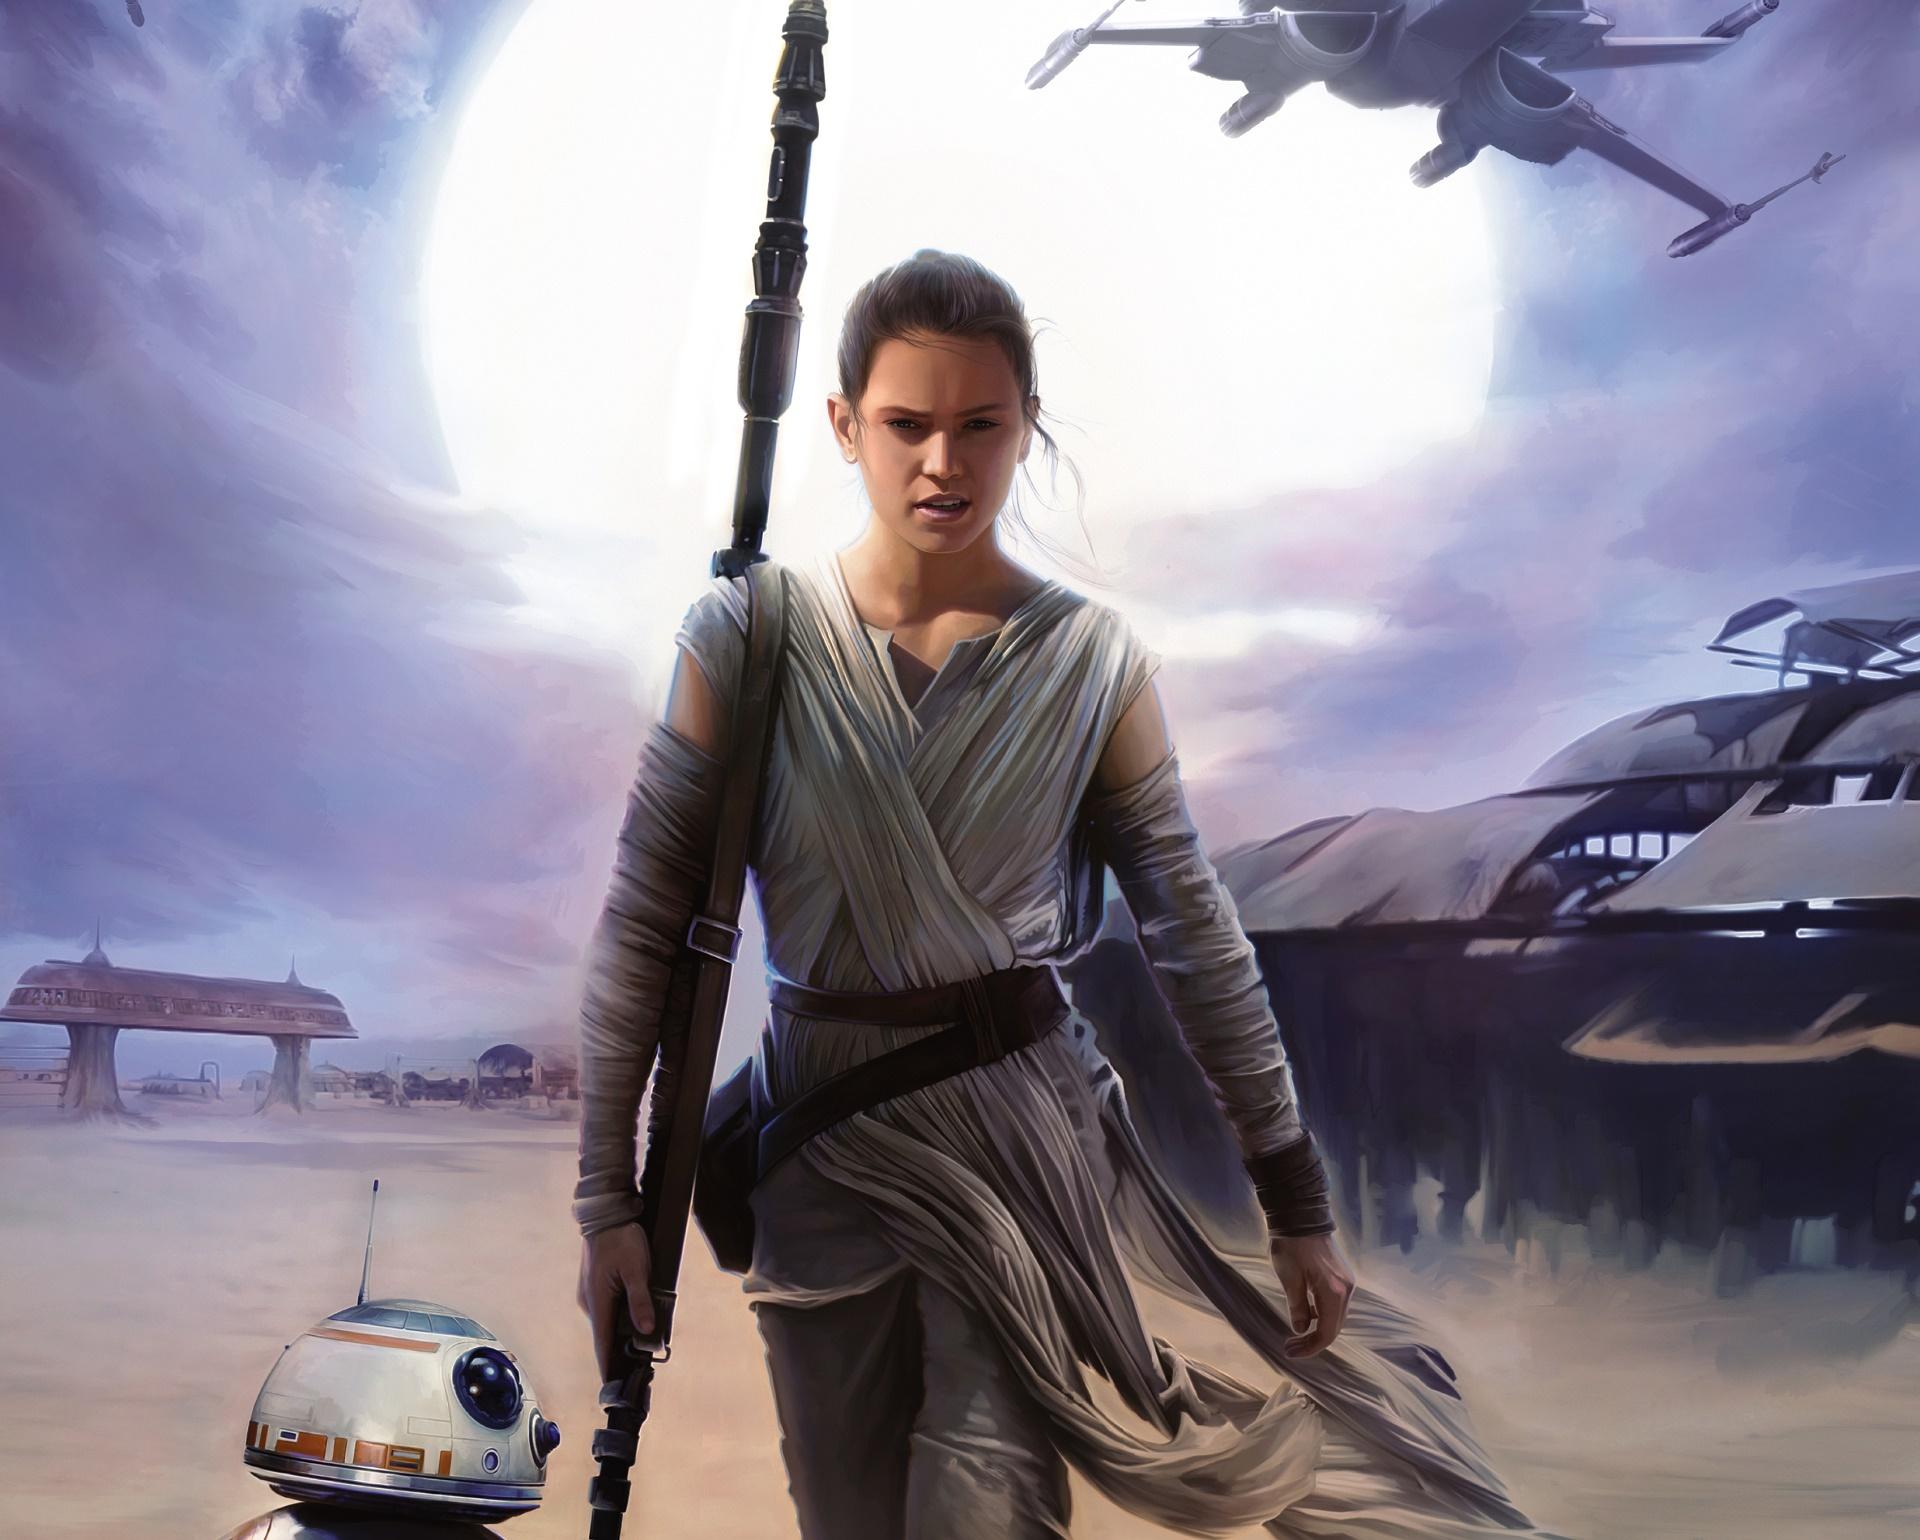 Dibujos Para Colorear Star Wars El Despertar De La Fuerza: Fondos De Star Wars El Despertar De La Fuerza, Wallpapers